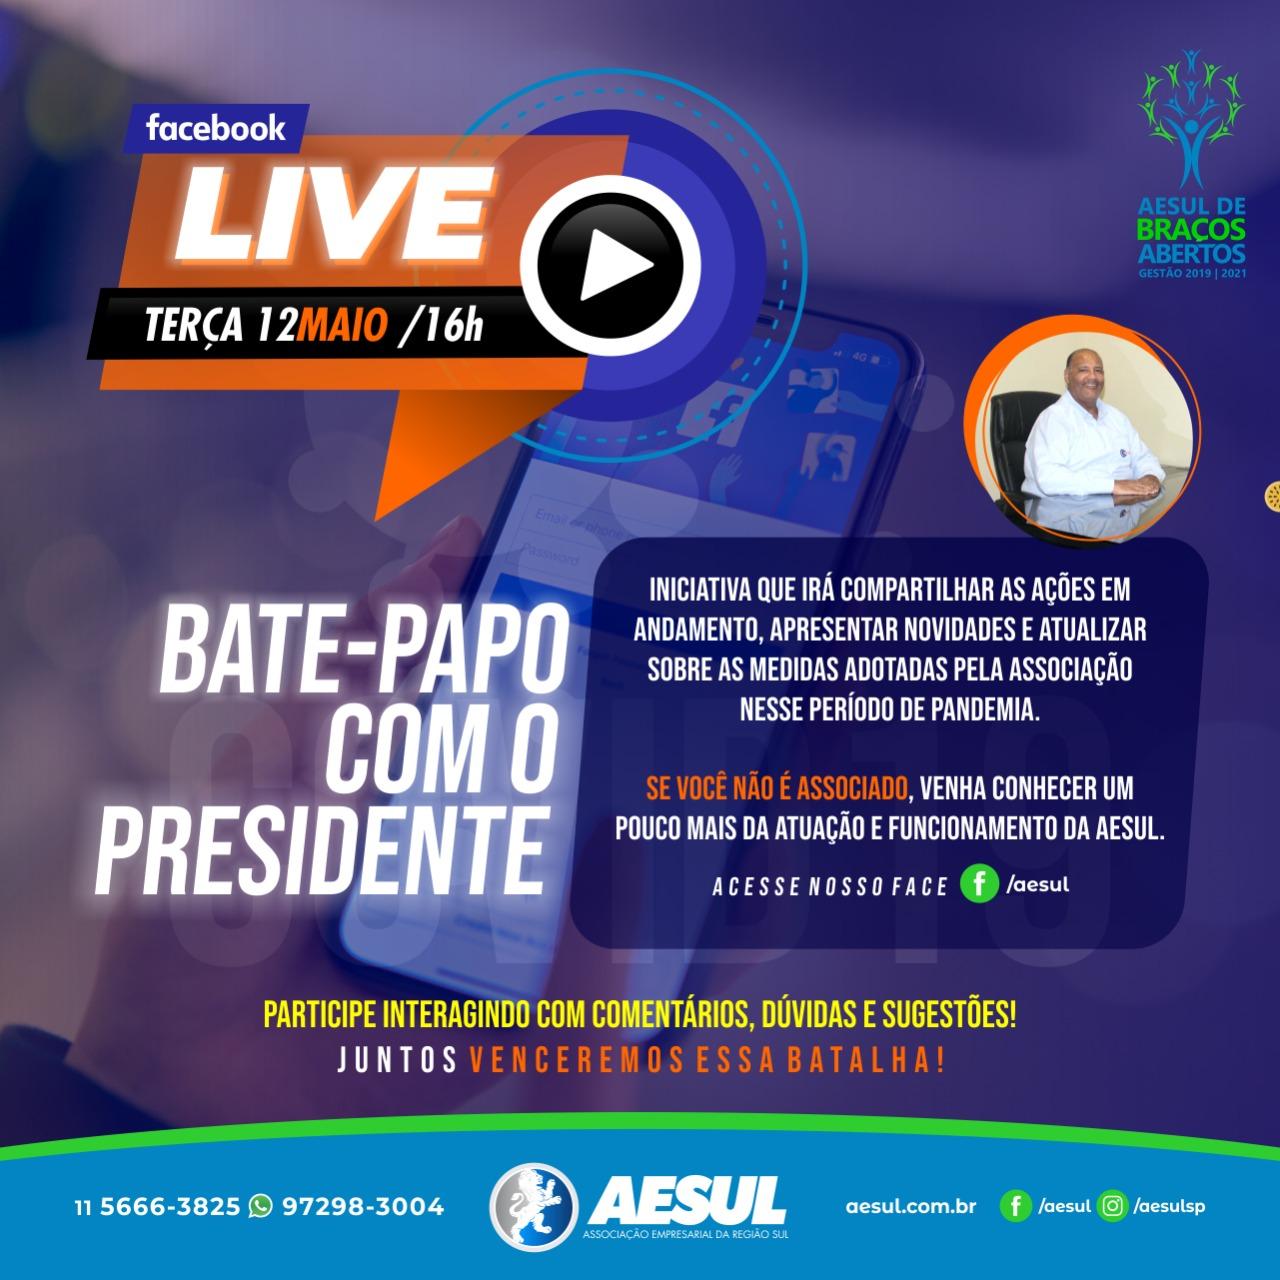 Live: bate-papo com o presidente